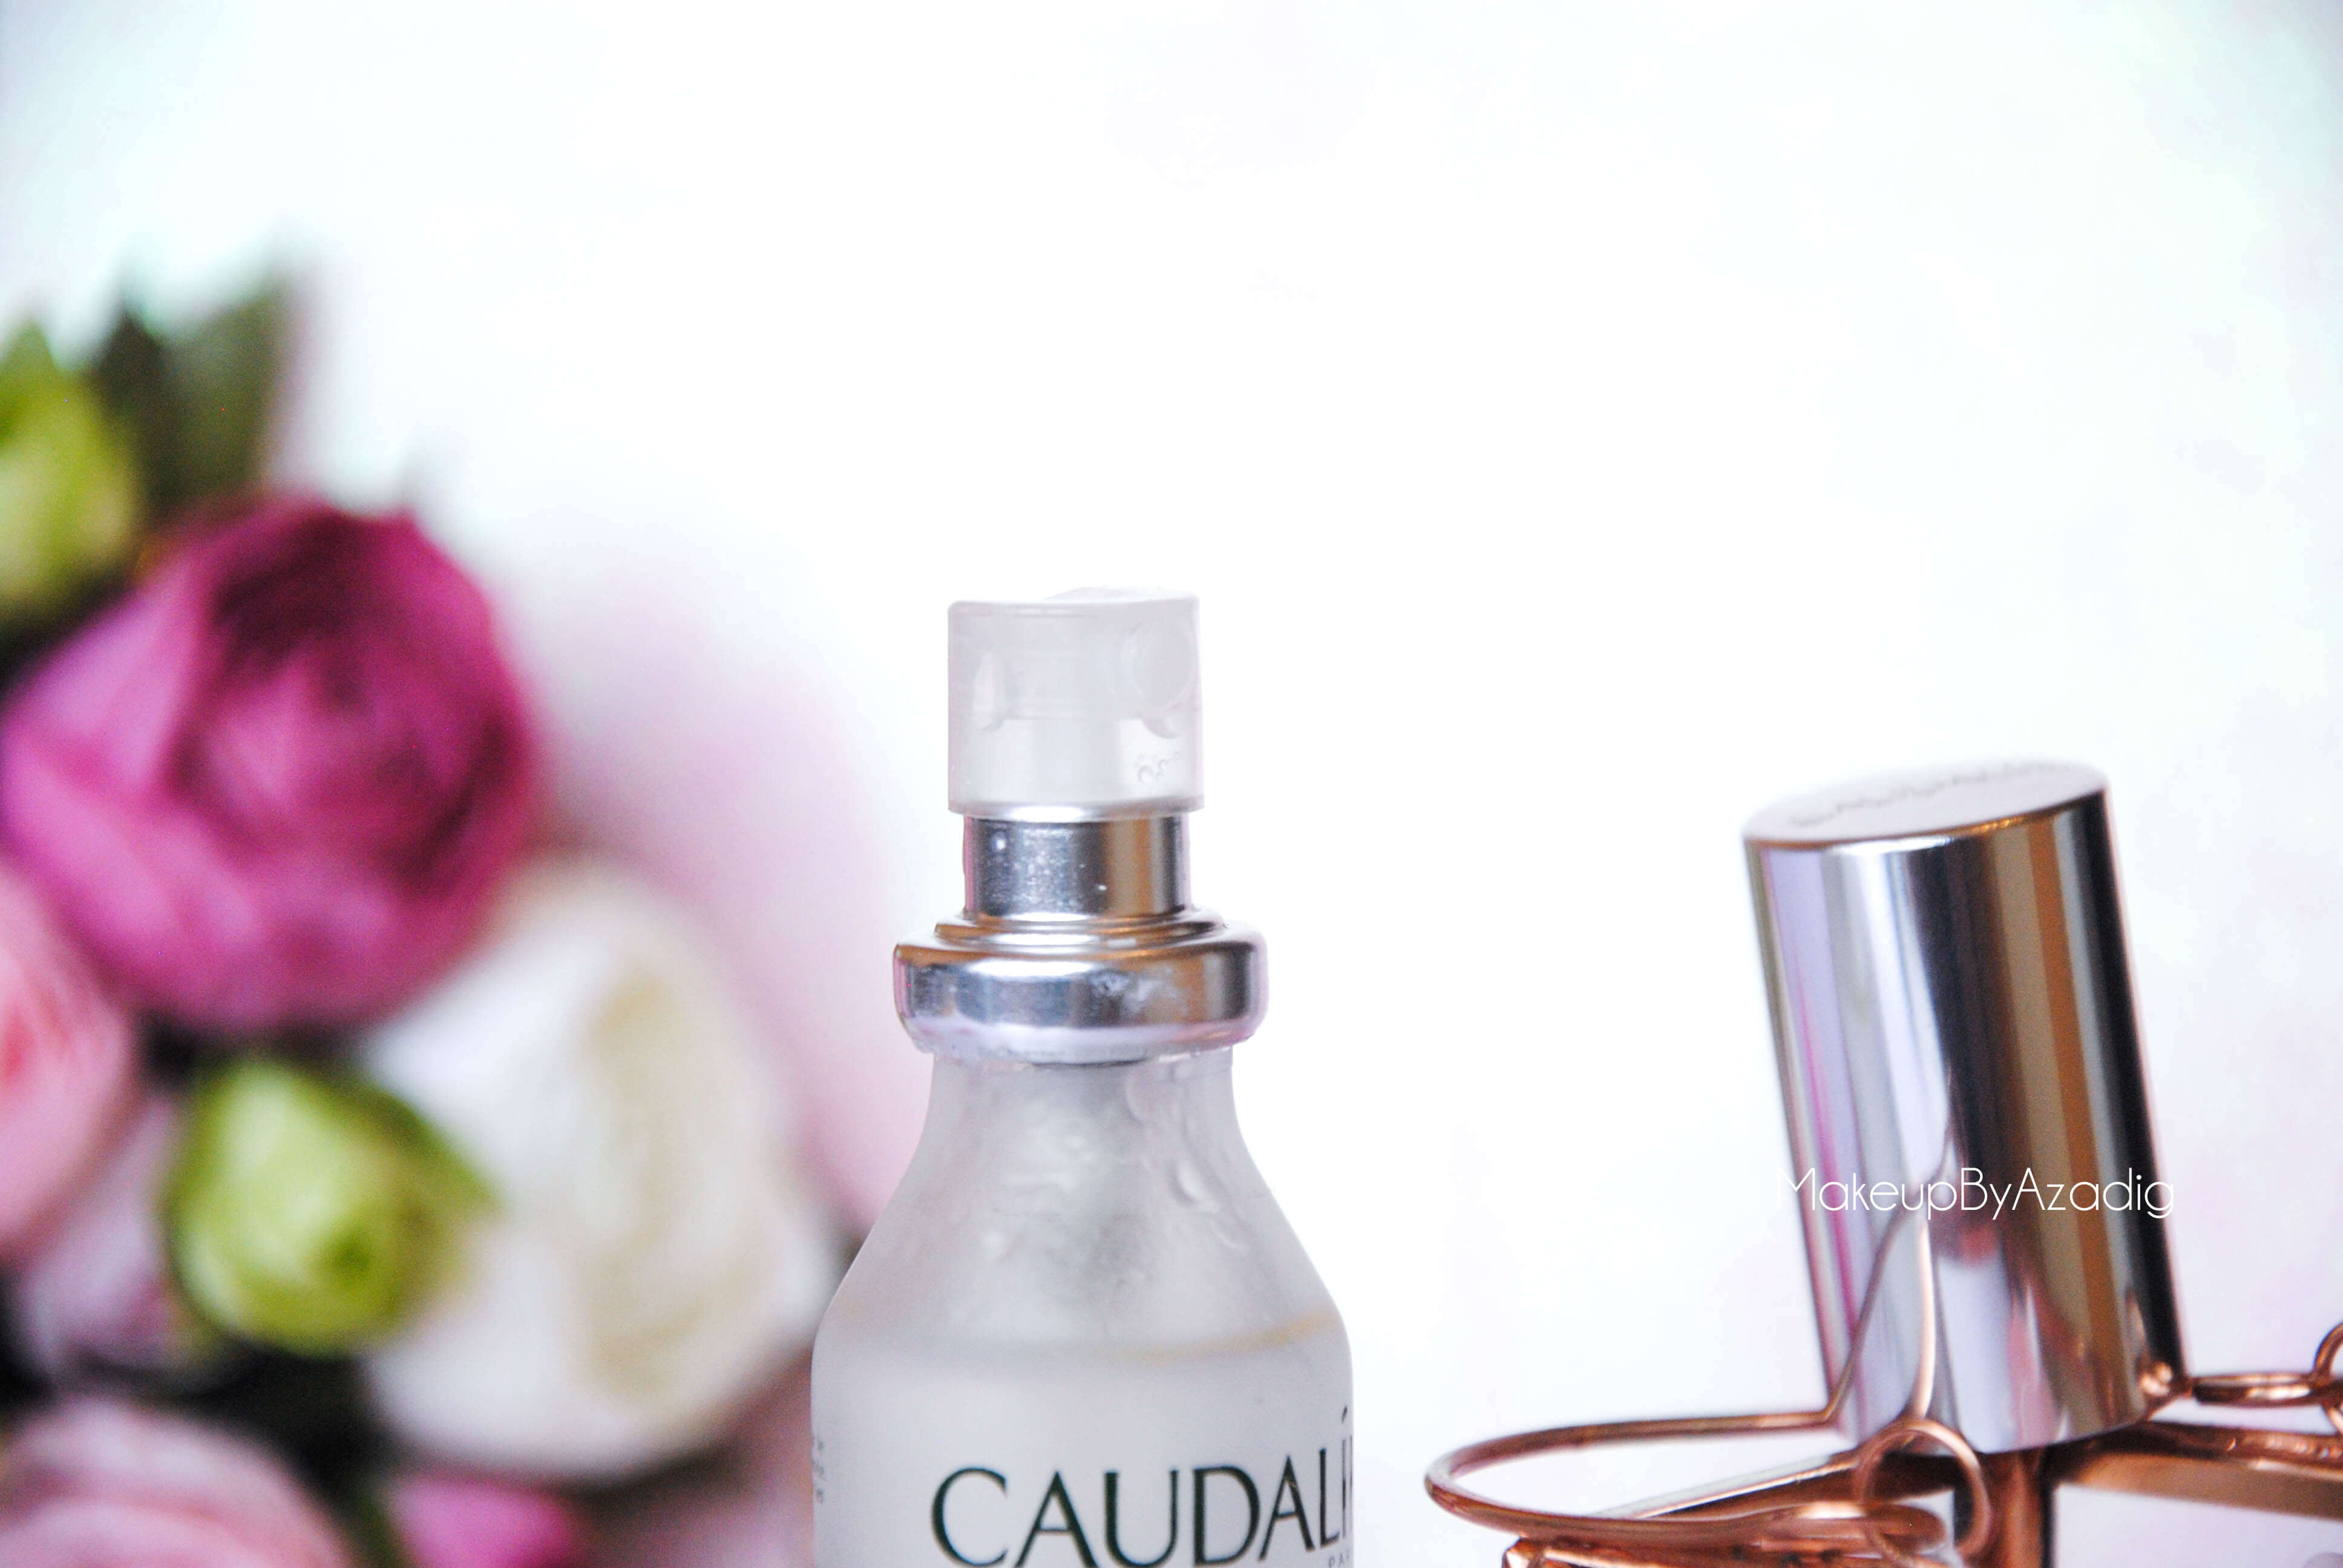 eau de beaute - caudalie - sanoflore - eau florale - produits de parapharmacie - makeupbyazadig - blog troyes - pschit